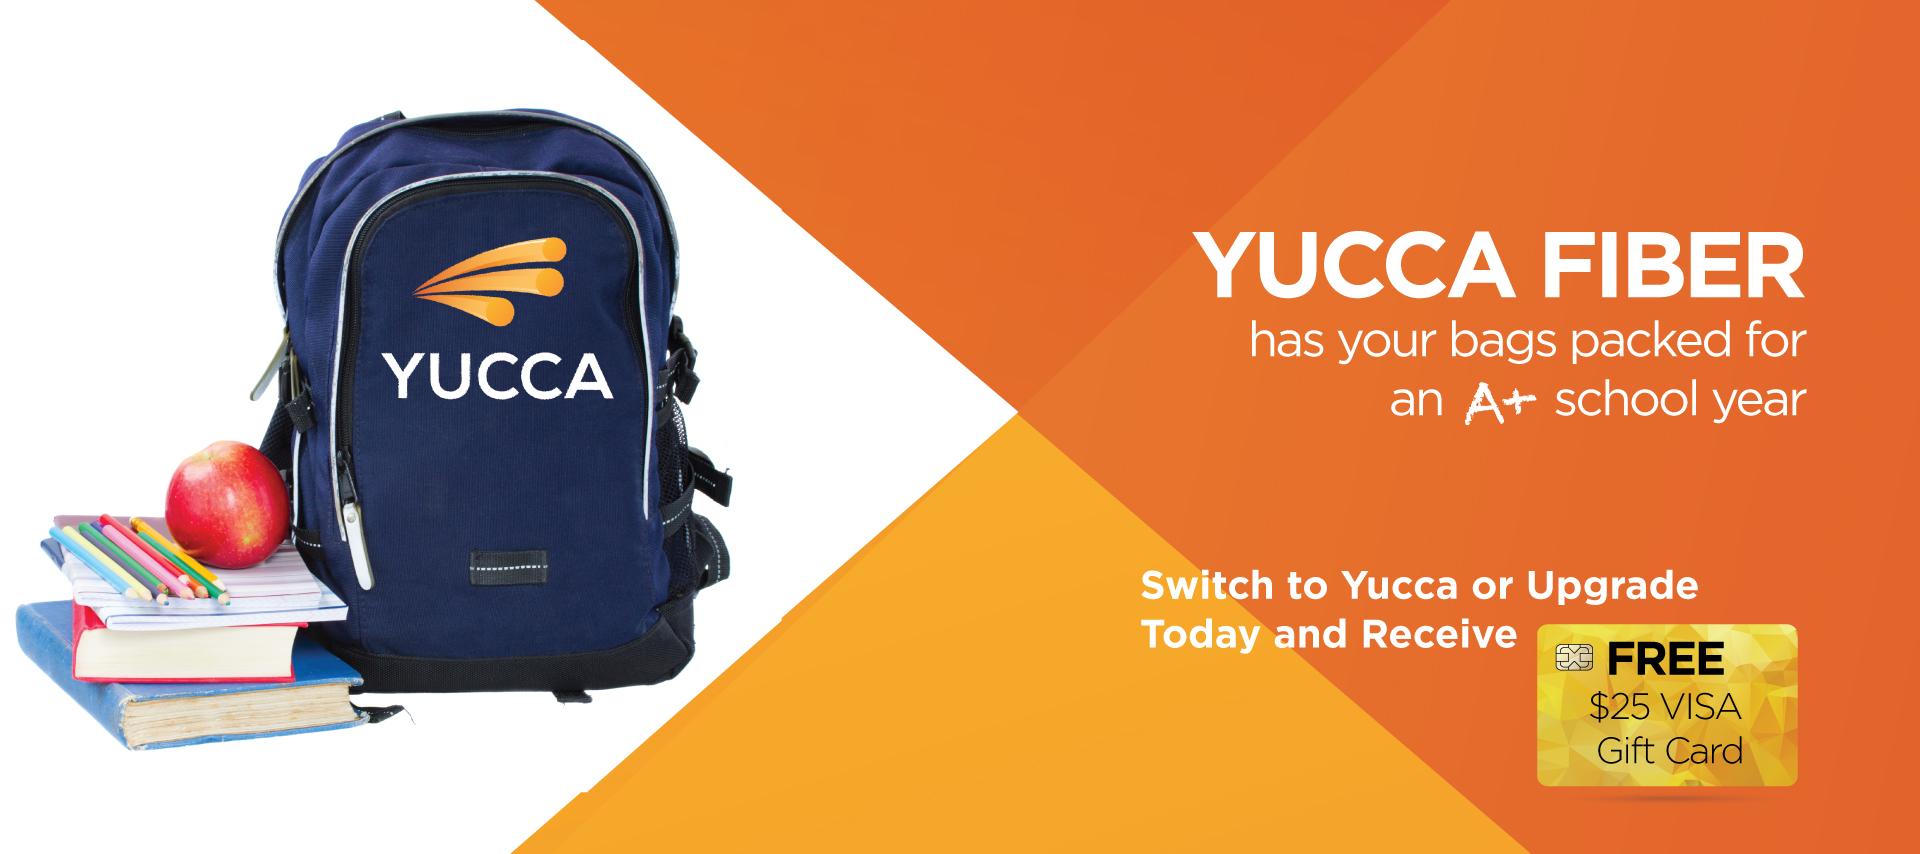 Yucca_Q32015_B2S_WB_FINAL